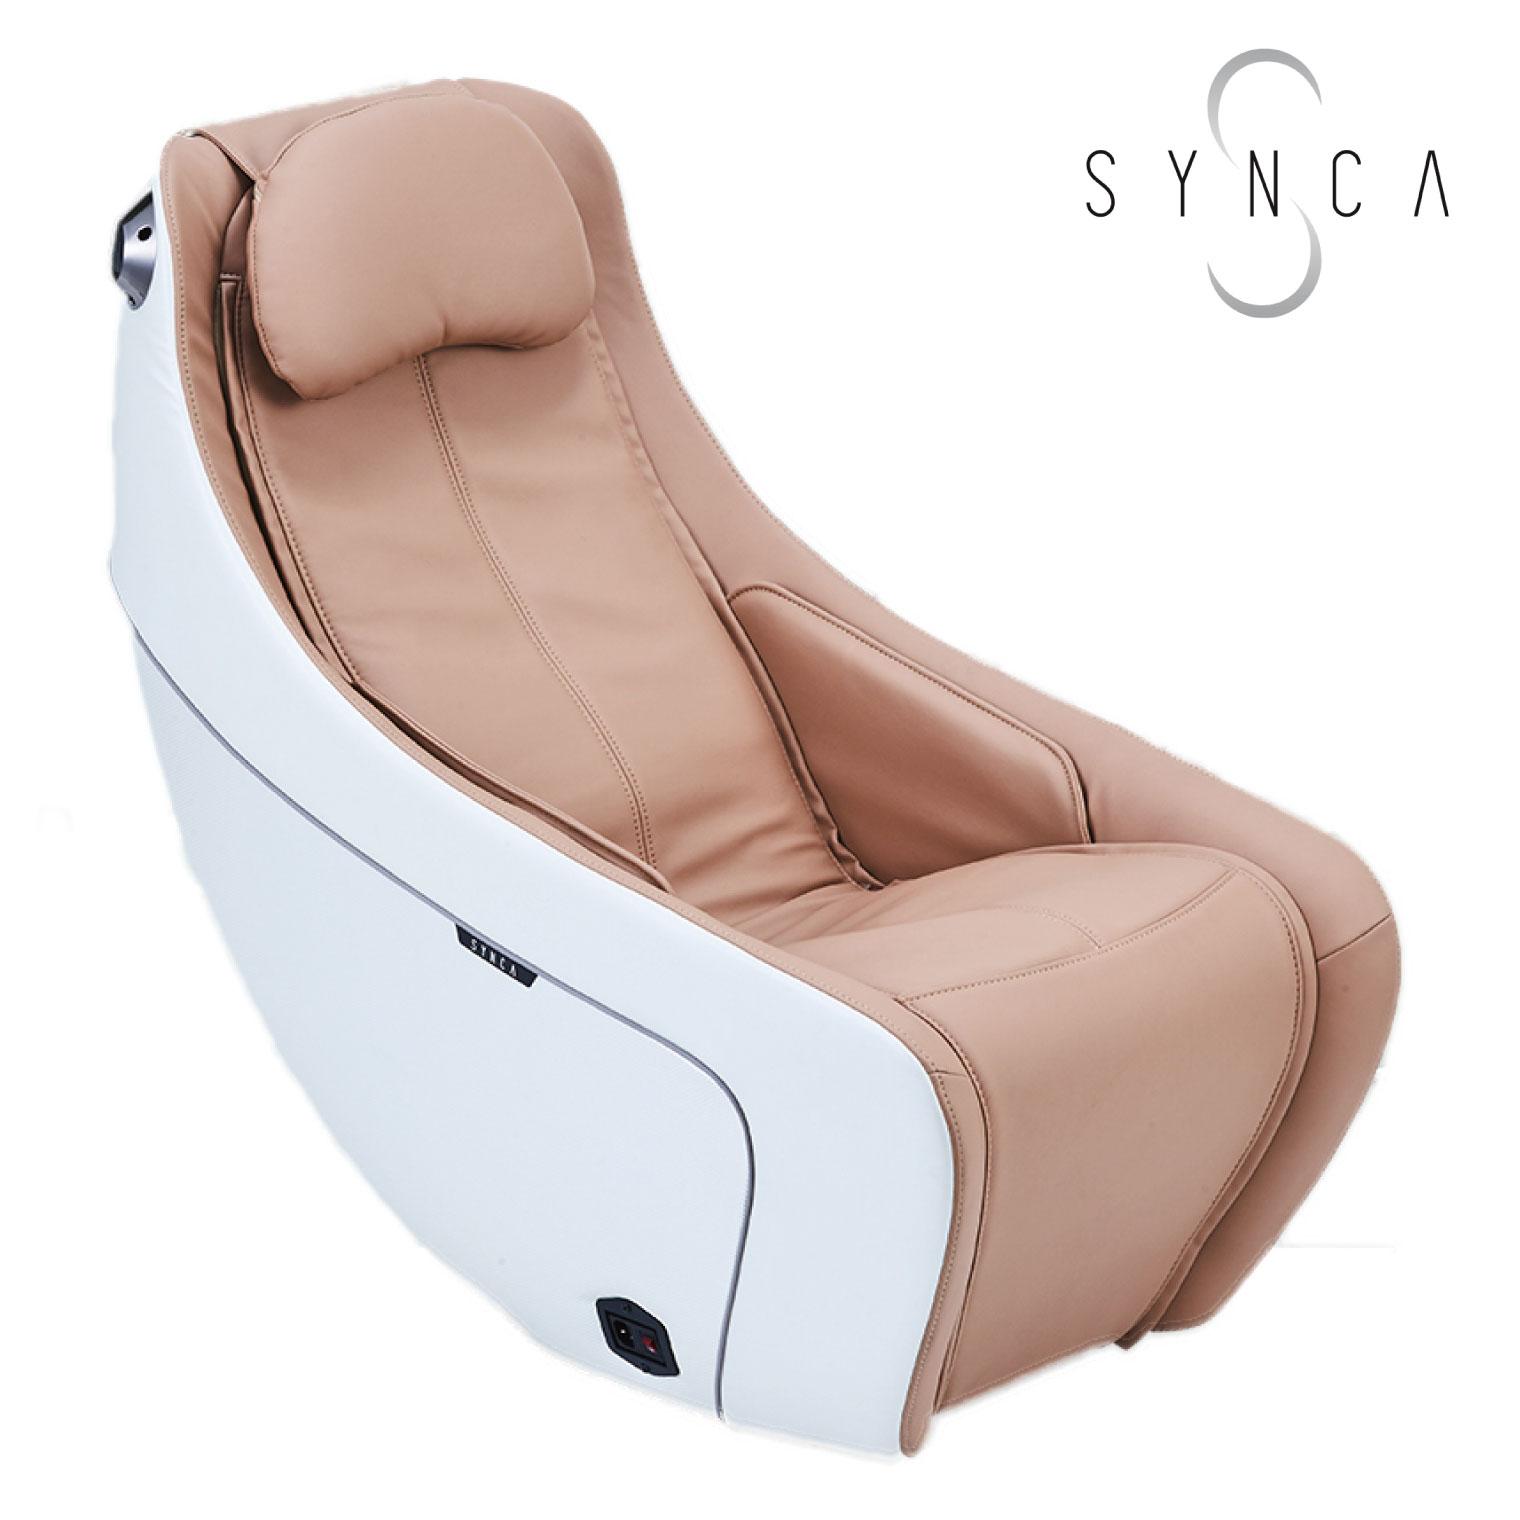 CirC(サーク)/コンパクトマッサージチェア《SYNCA》